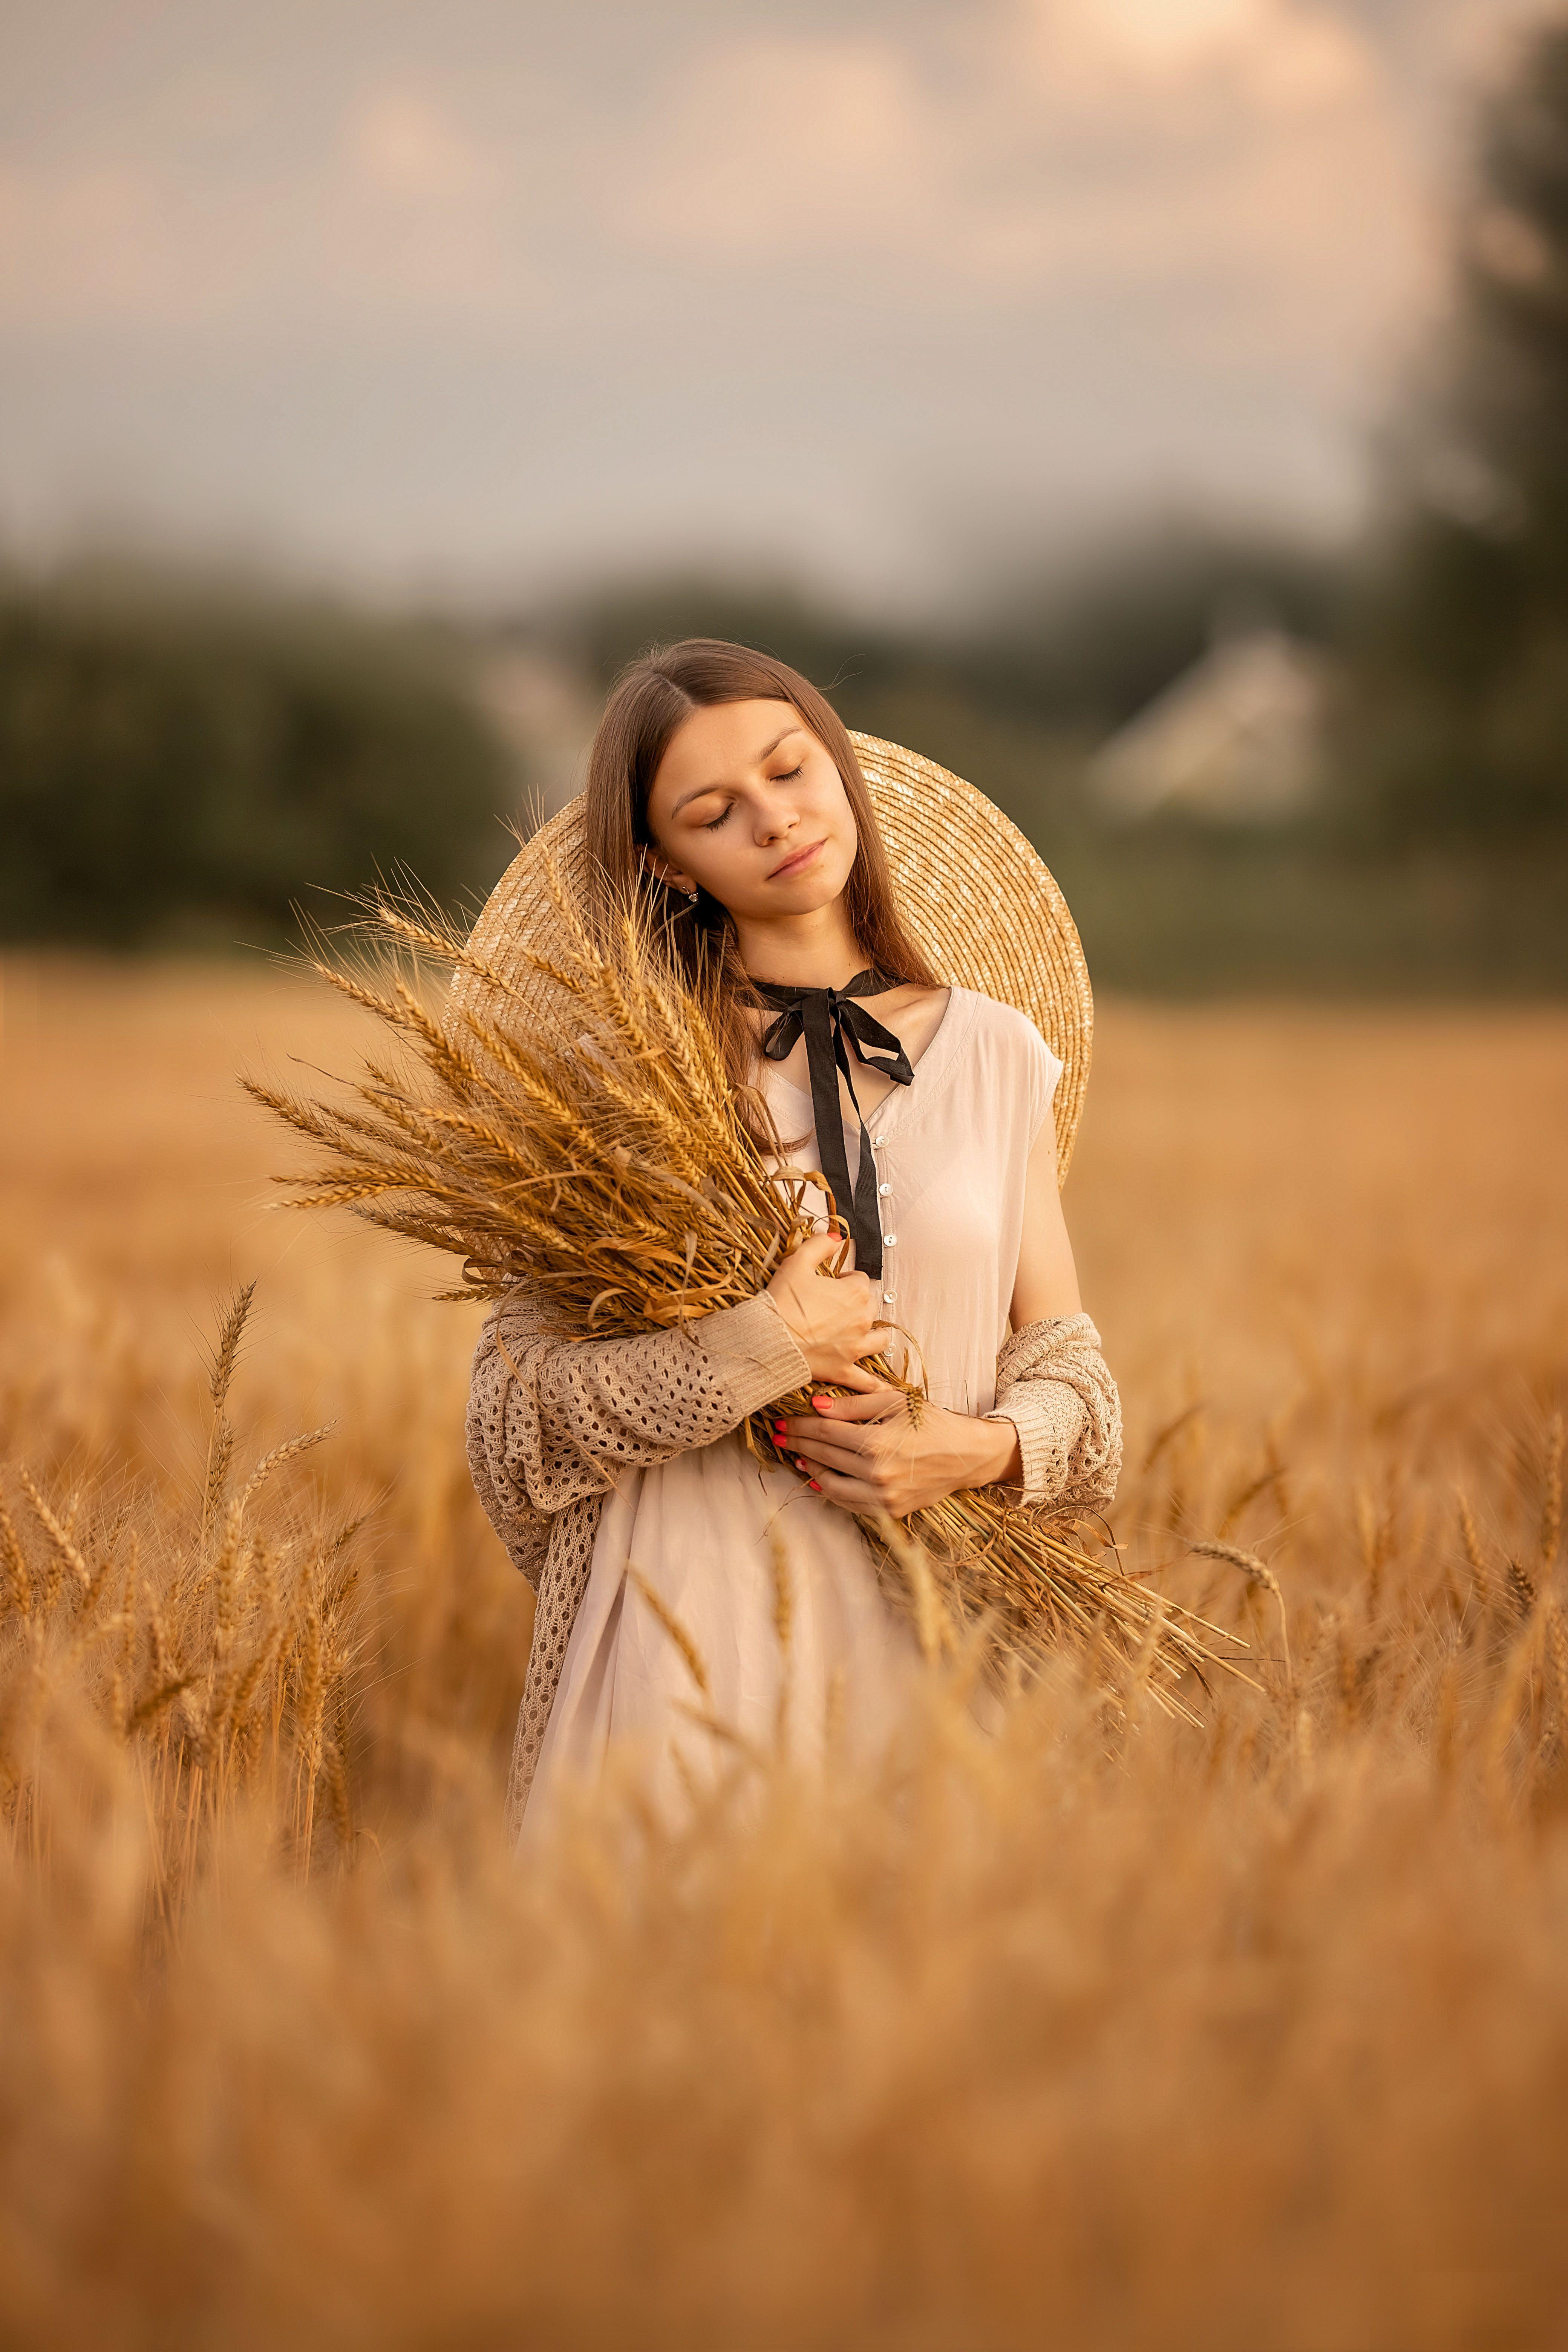 девушка, лето, поле, девушка в шляпе, юность, портрет, Чернигина Елена